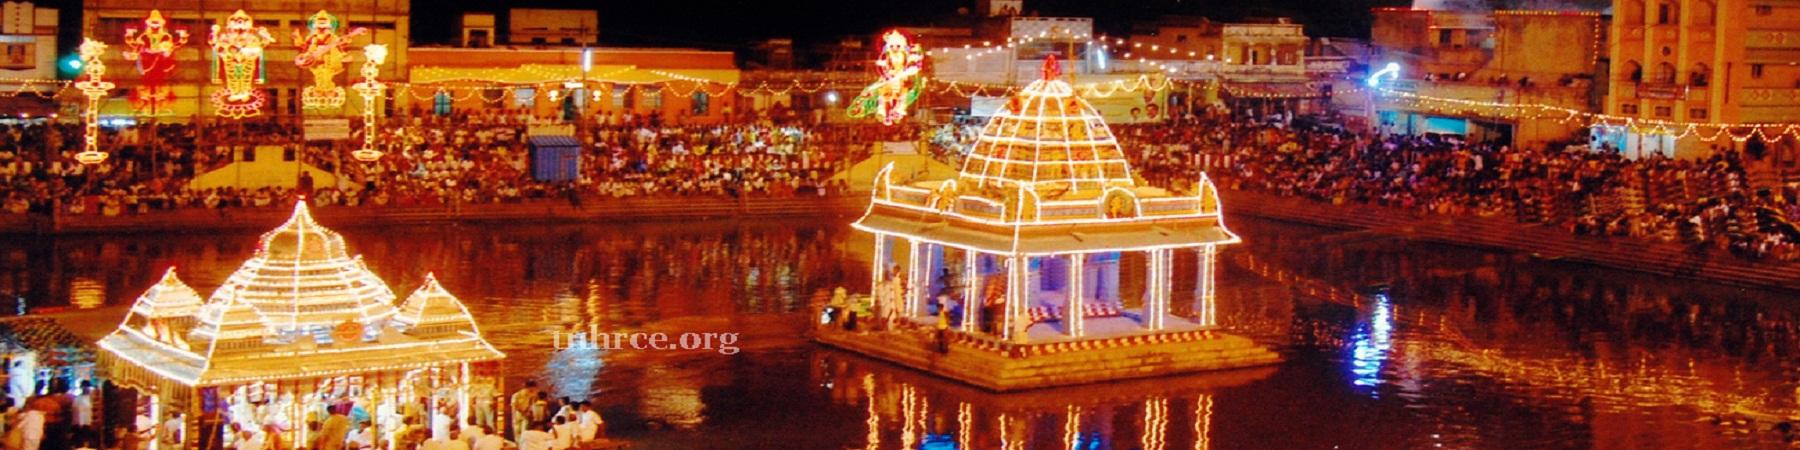 சரவணபொய்கை, திருத்தணி